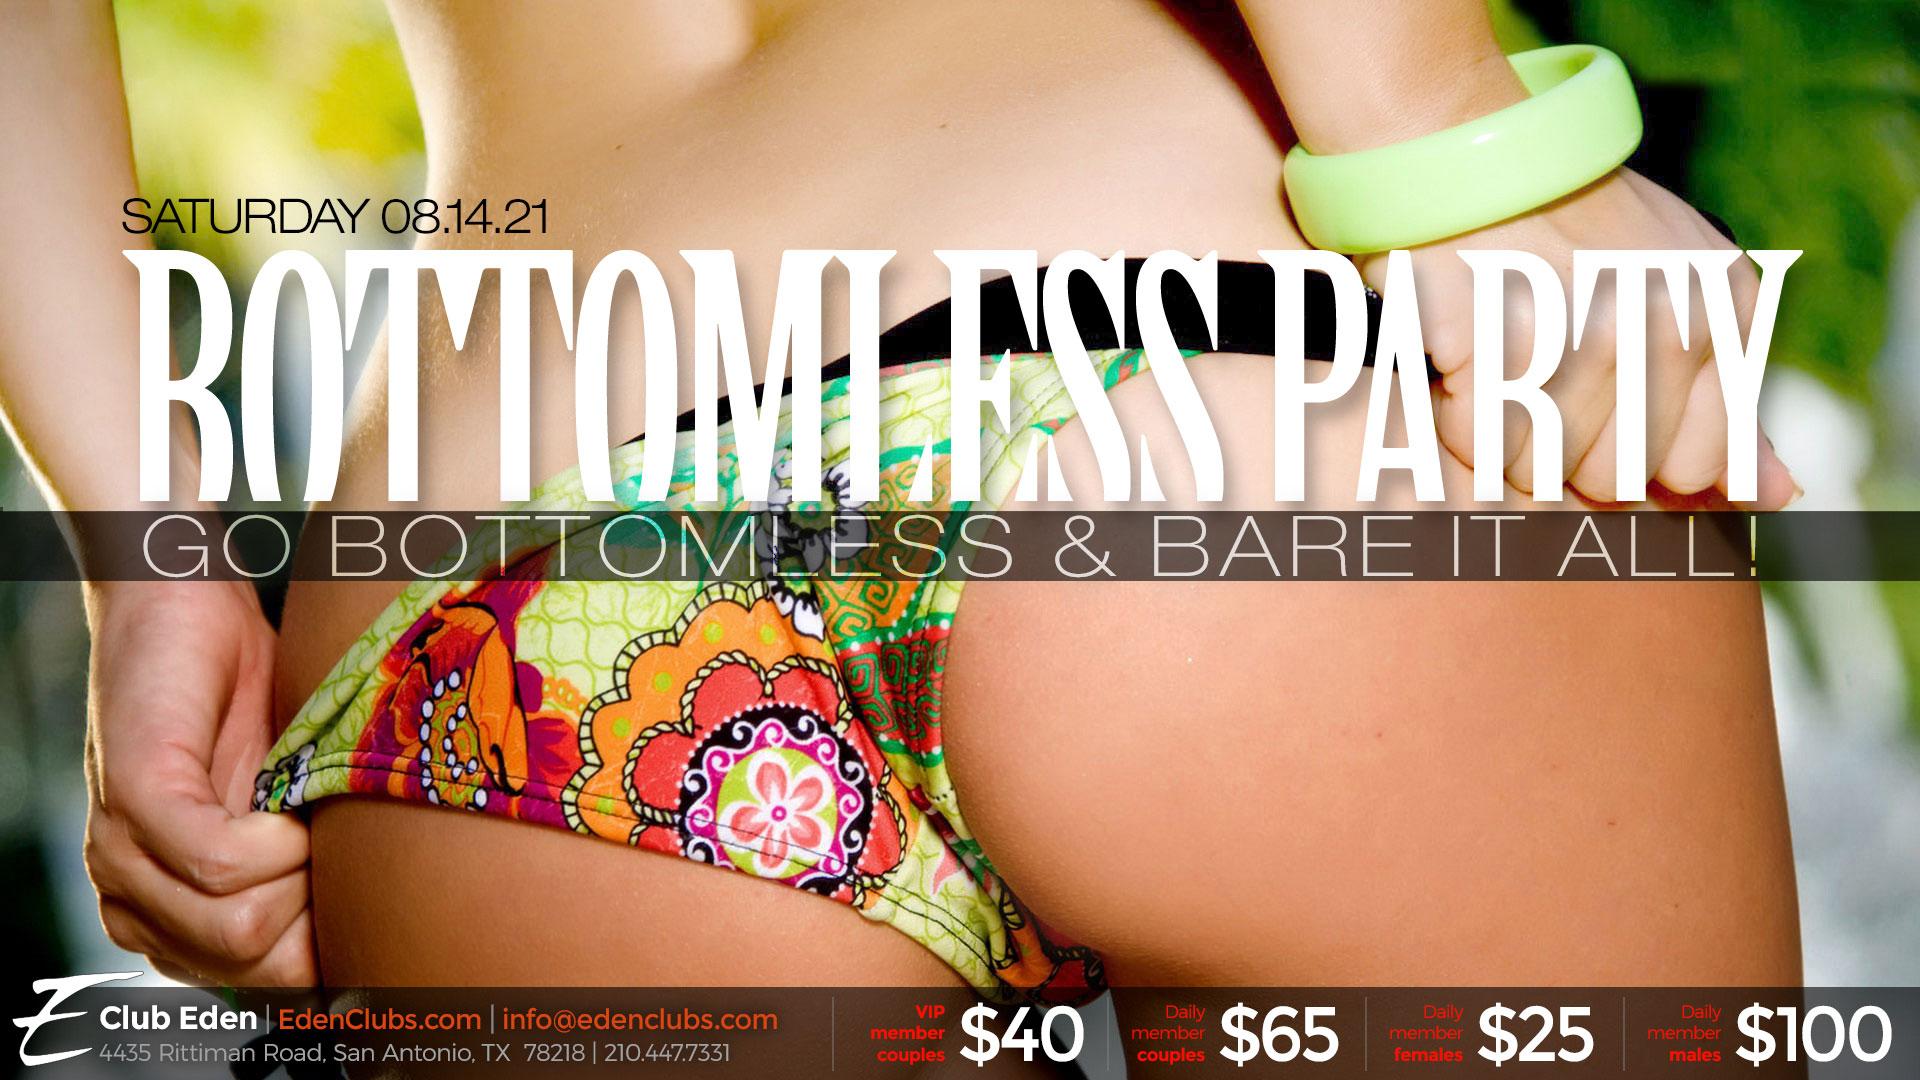 081421-Bottomless-eden-sa-tv